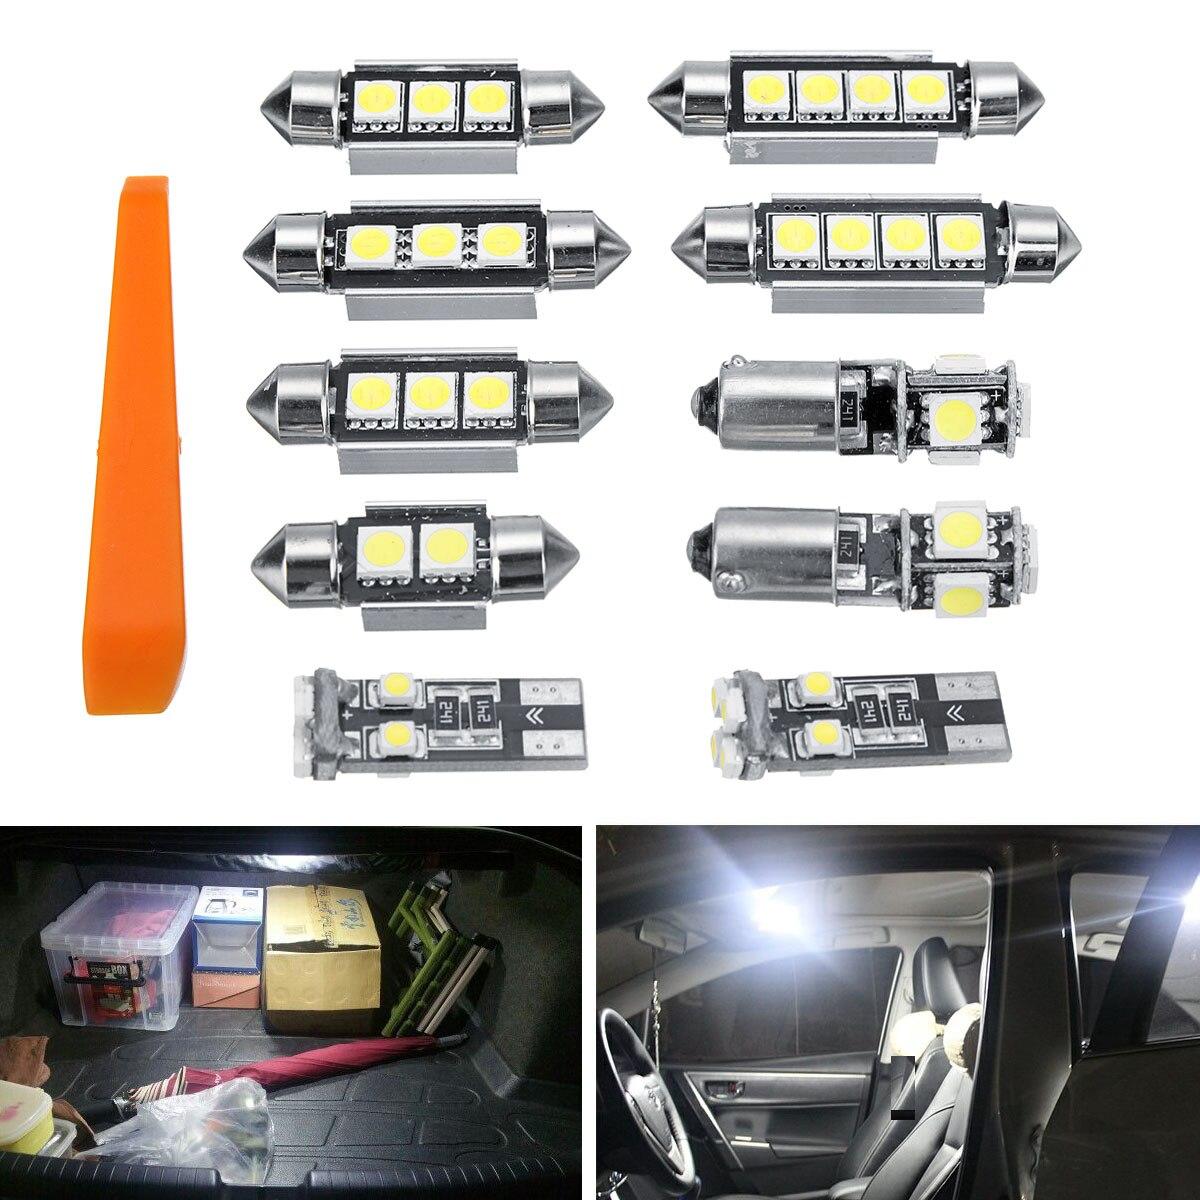 Mofaner 10pcs Error Free Lights SMD LED Interior Lights Kit For Volkswagen For VW MK4 Golf GTI Jetta 1999-2005